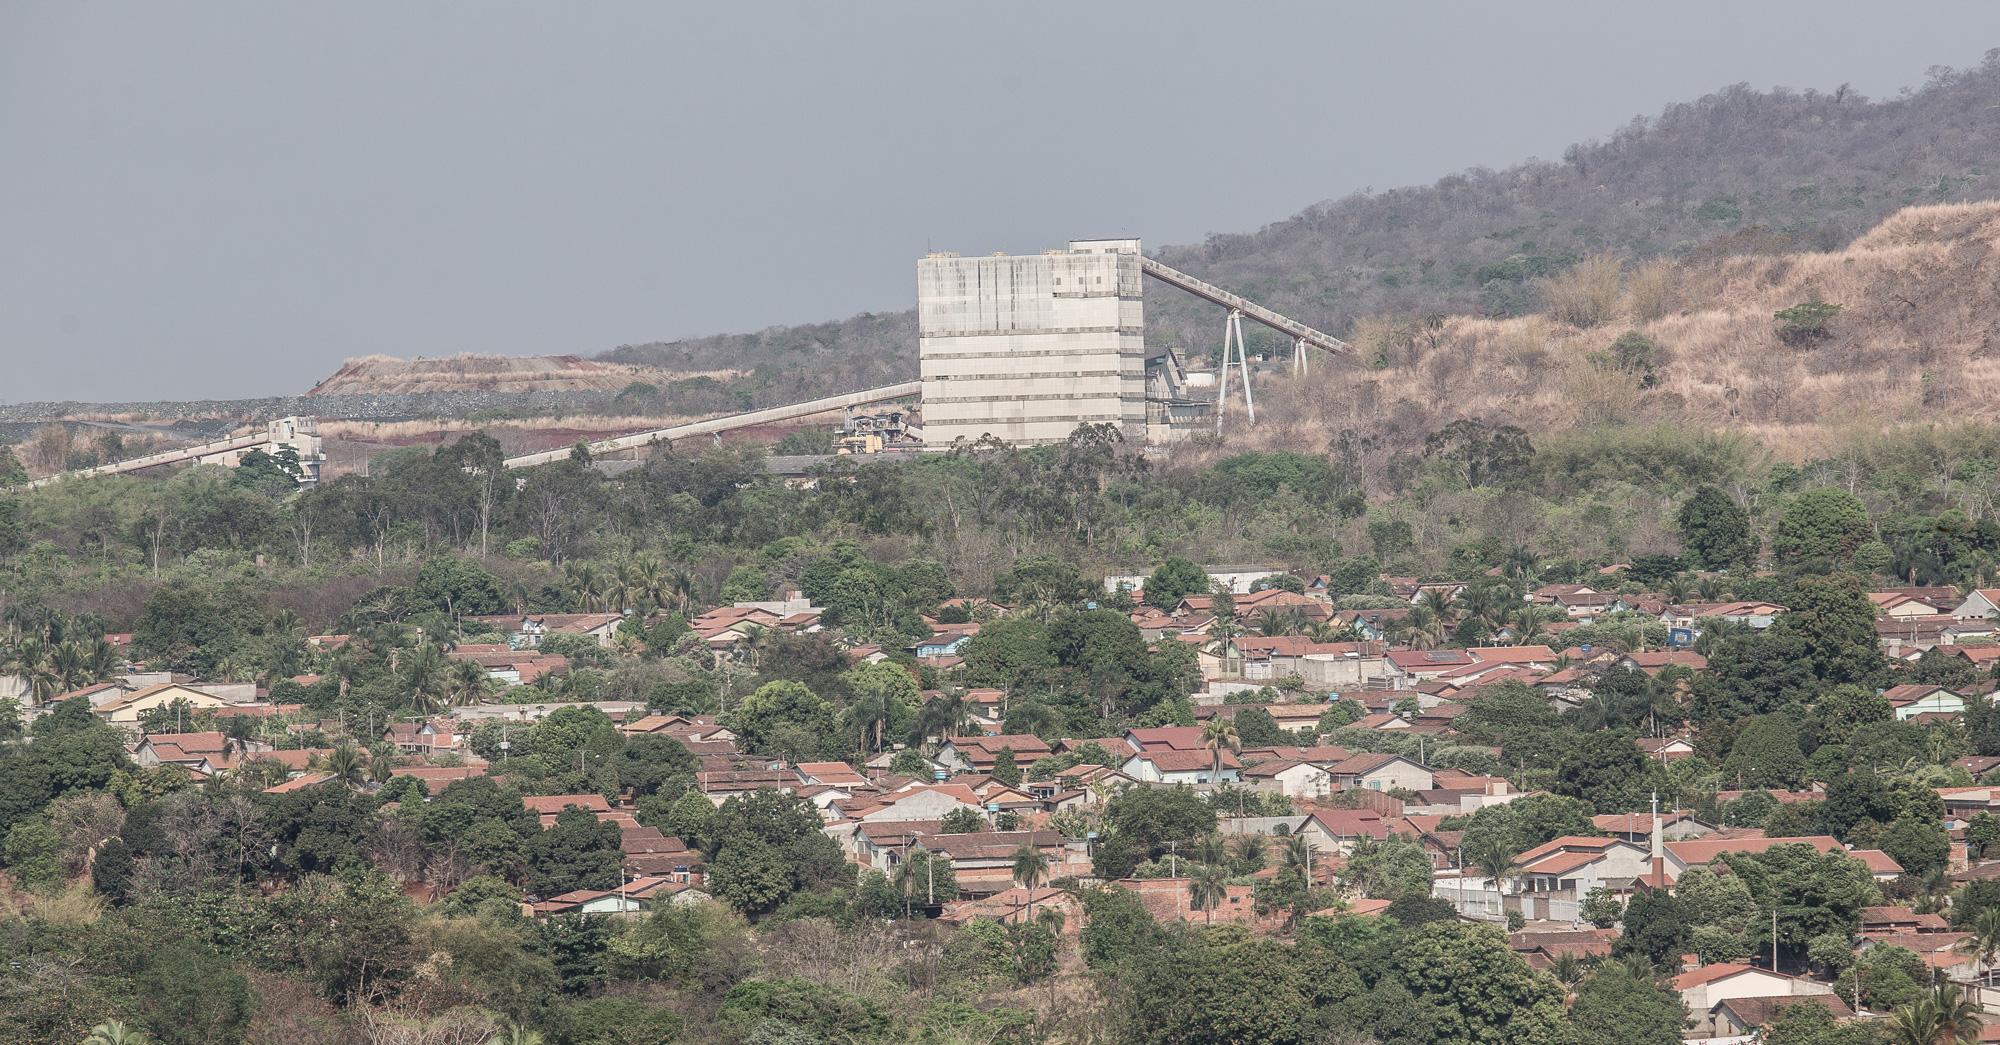 Panorâmica de parte da cidade de Minaçú, com a planta da mineradora Sama ao fundo.